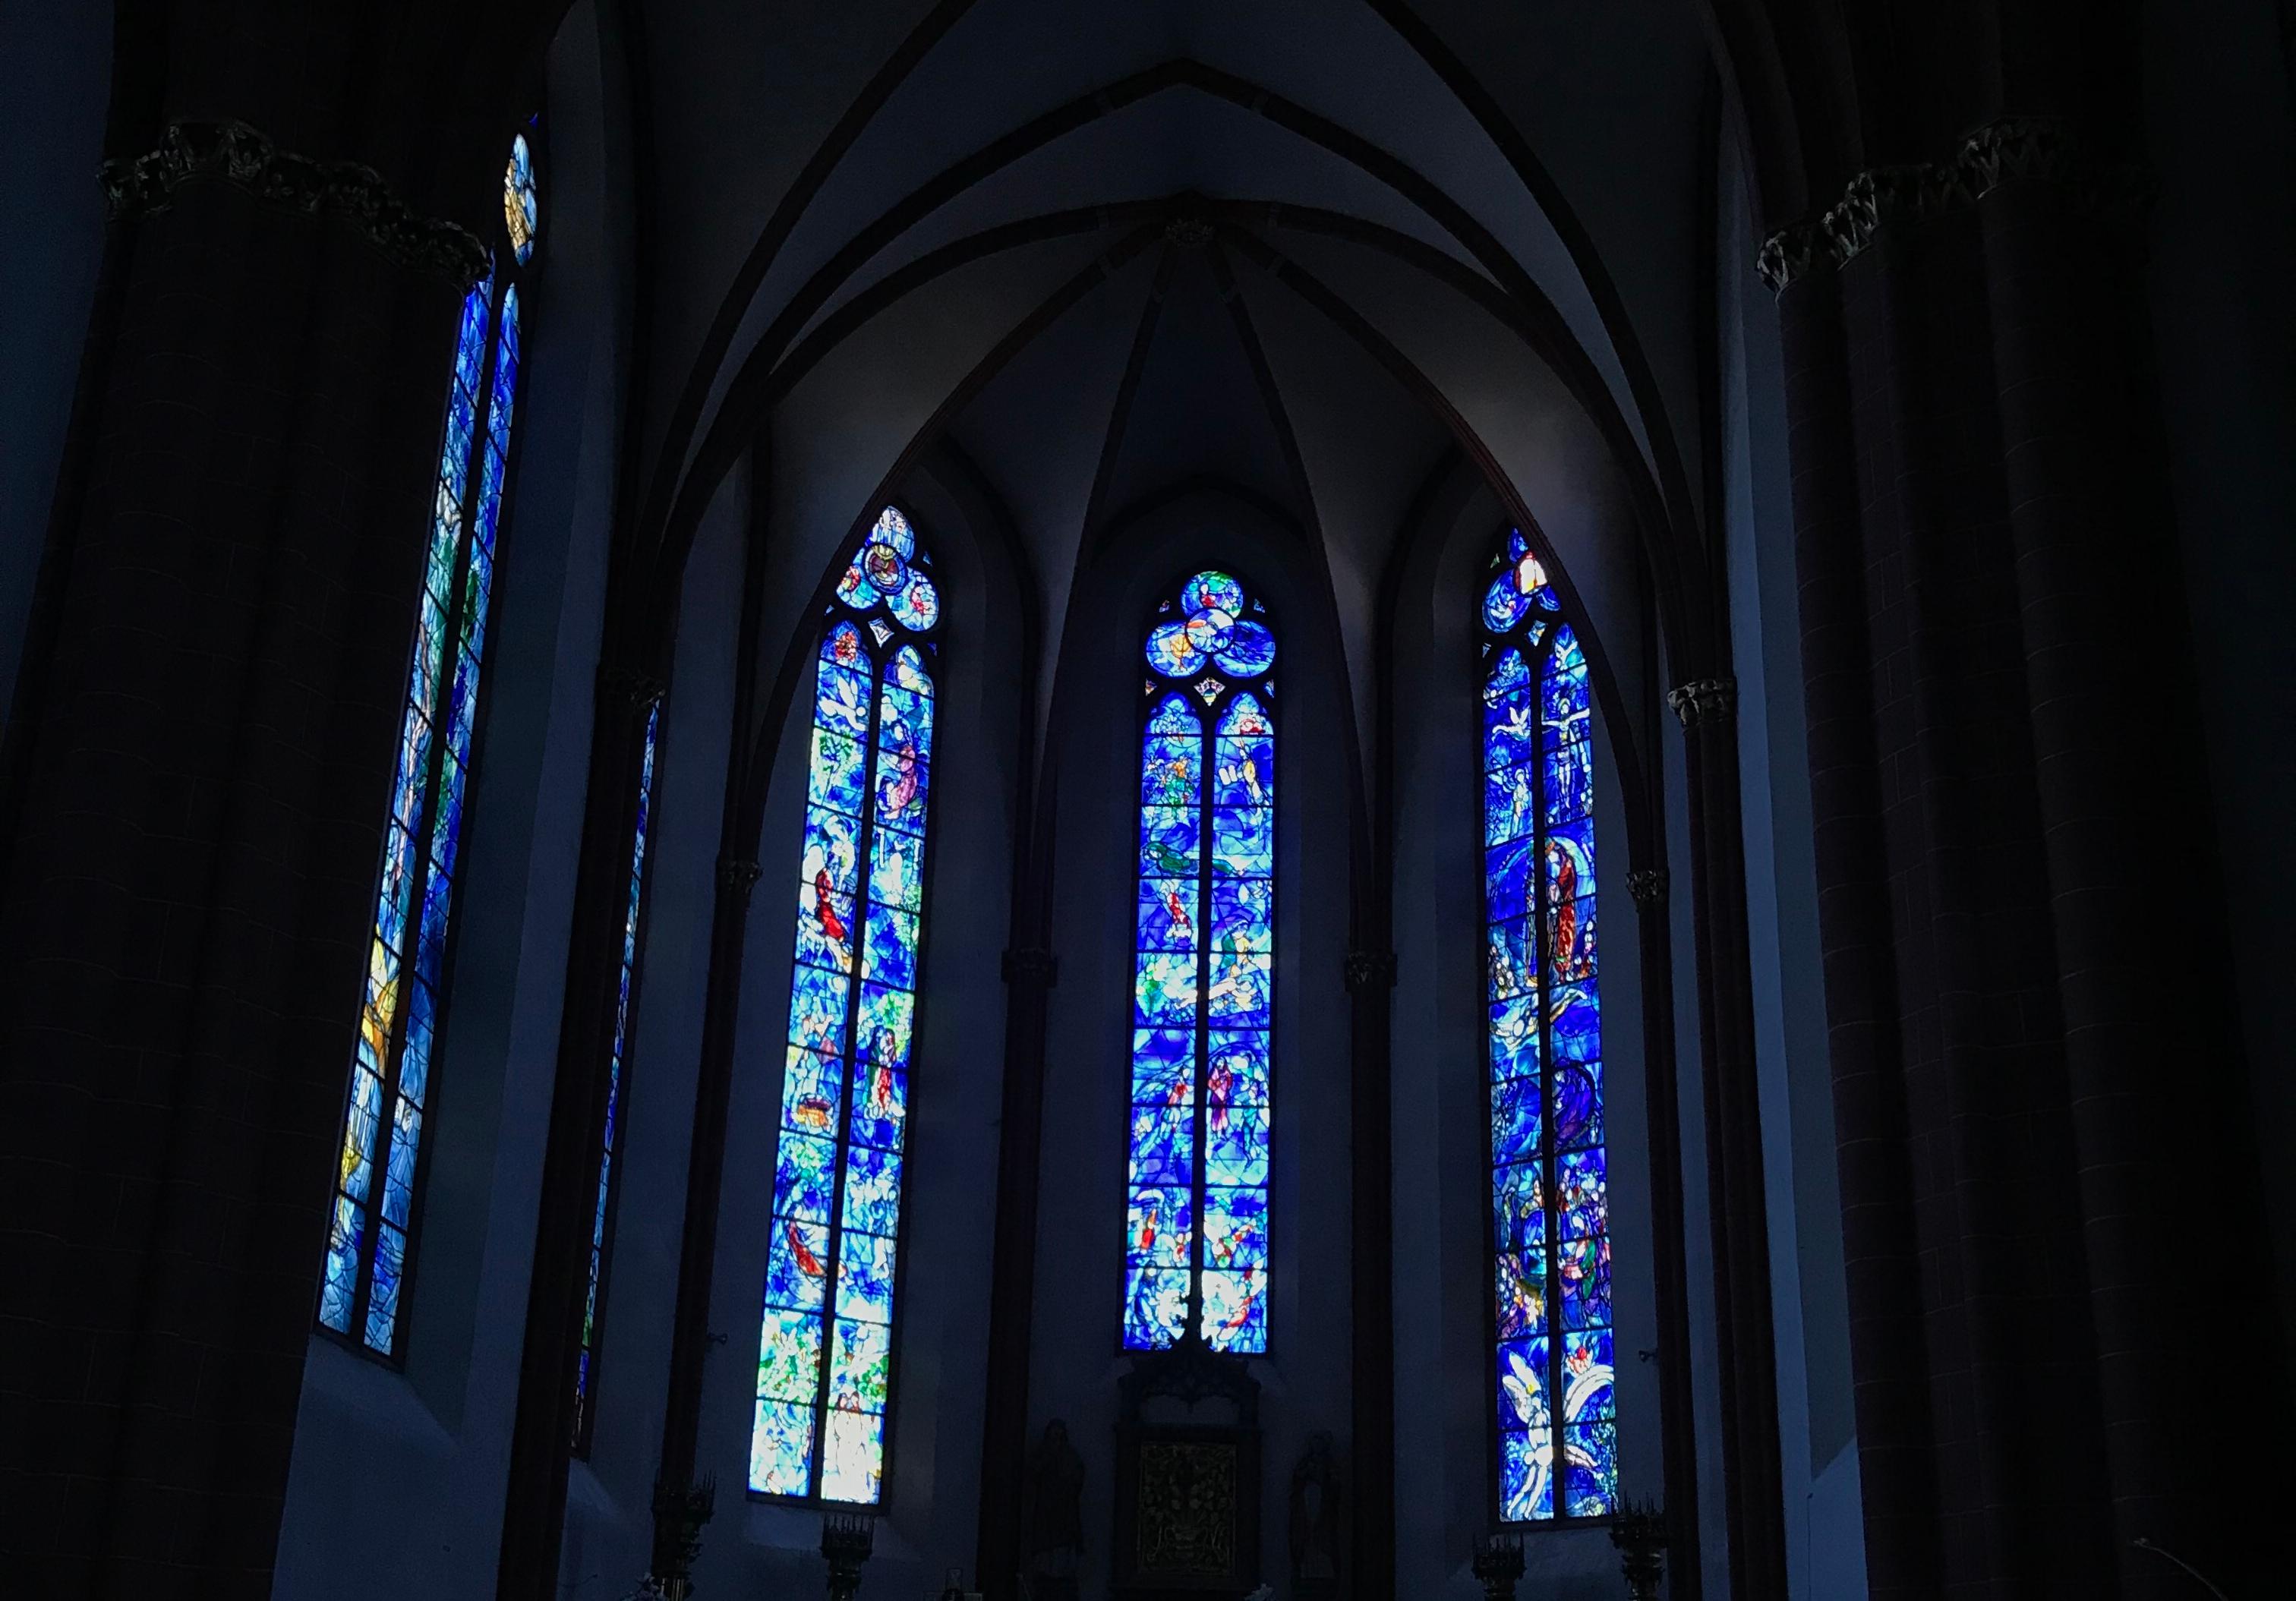 Le finestre di Chagall nella chiesa di Santo Stefano - Magonza, Hessen, Germania